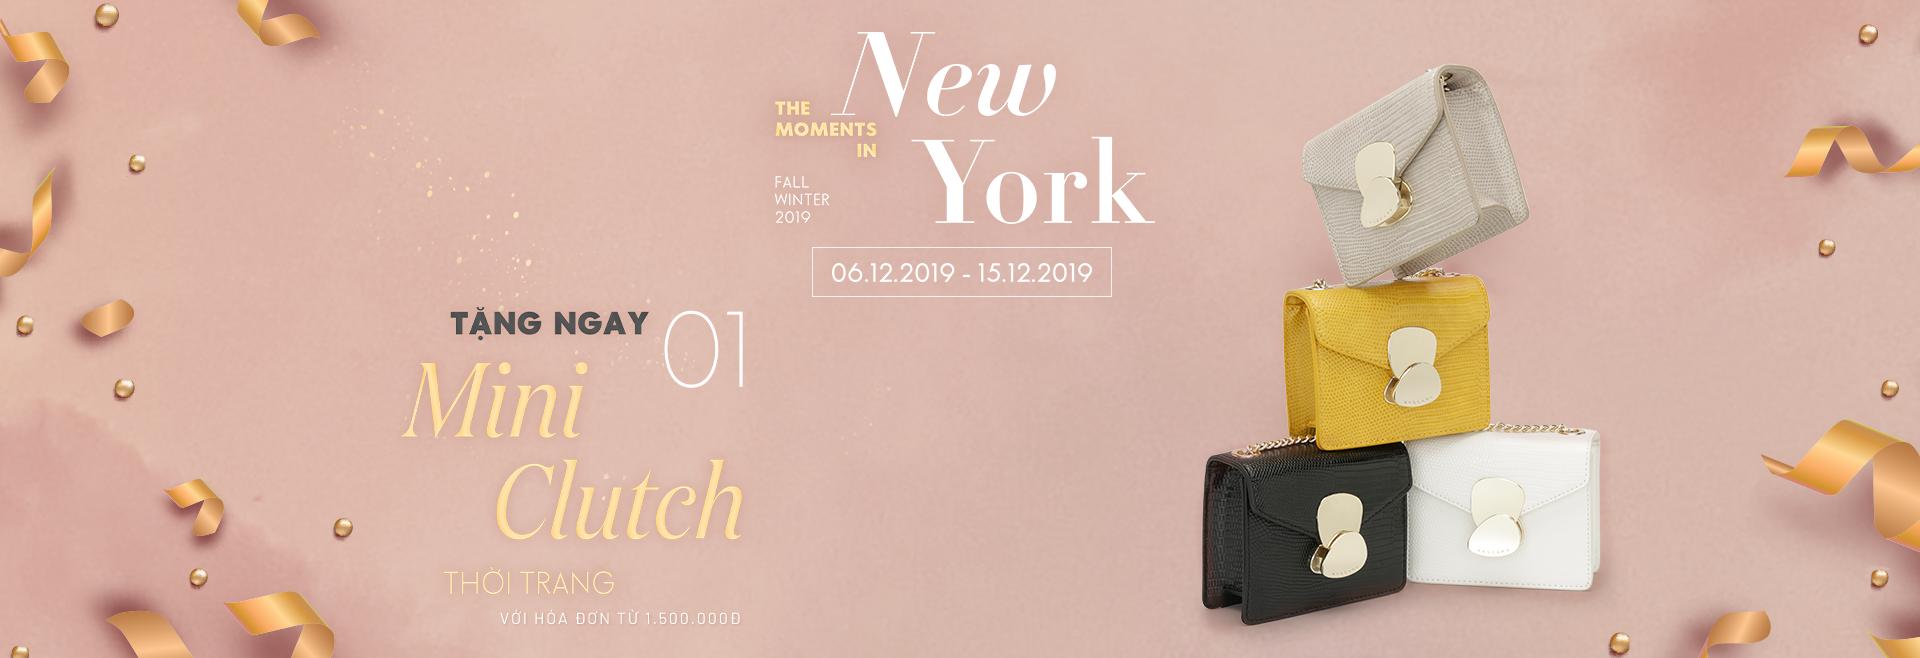 FALL WINTER 2019: Nhận ngay 01 Mini Clutch thời trang khi mua sắm